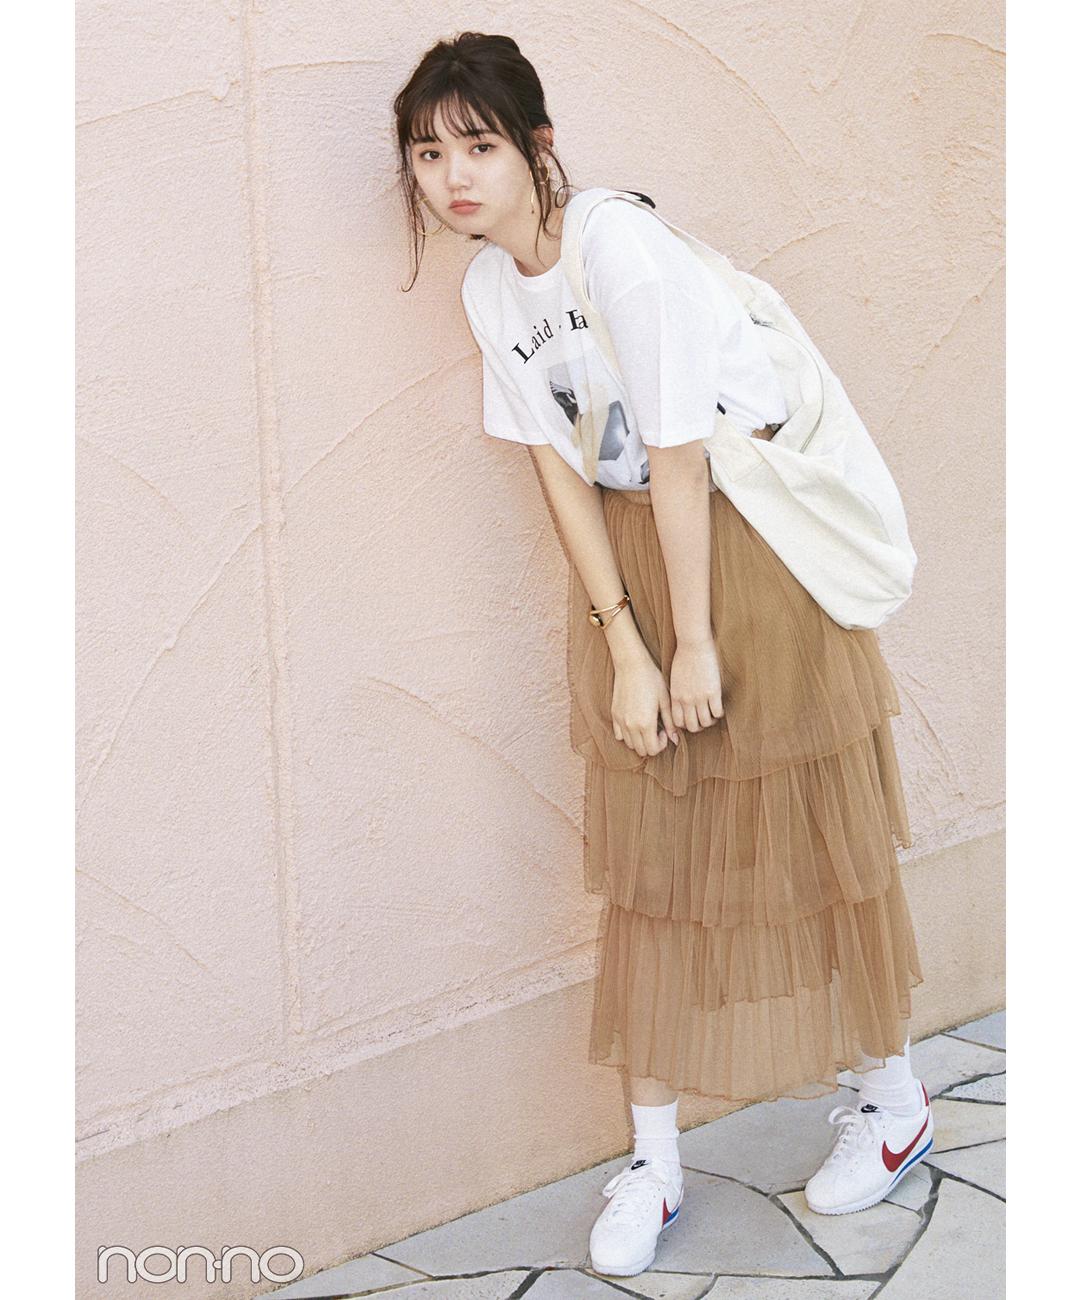 【夏のロングスカートコーデ】江野沢愛美の、甘めスカートで魅せるスポカジ風MIXコーデ♡